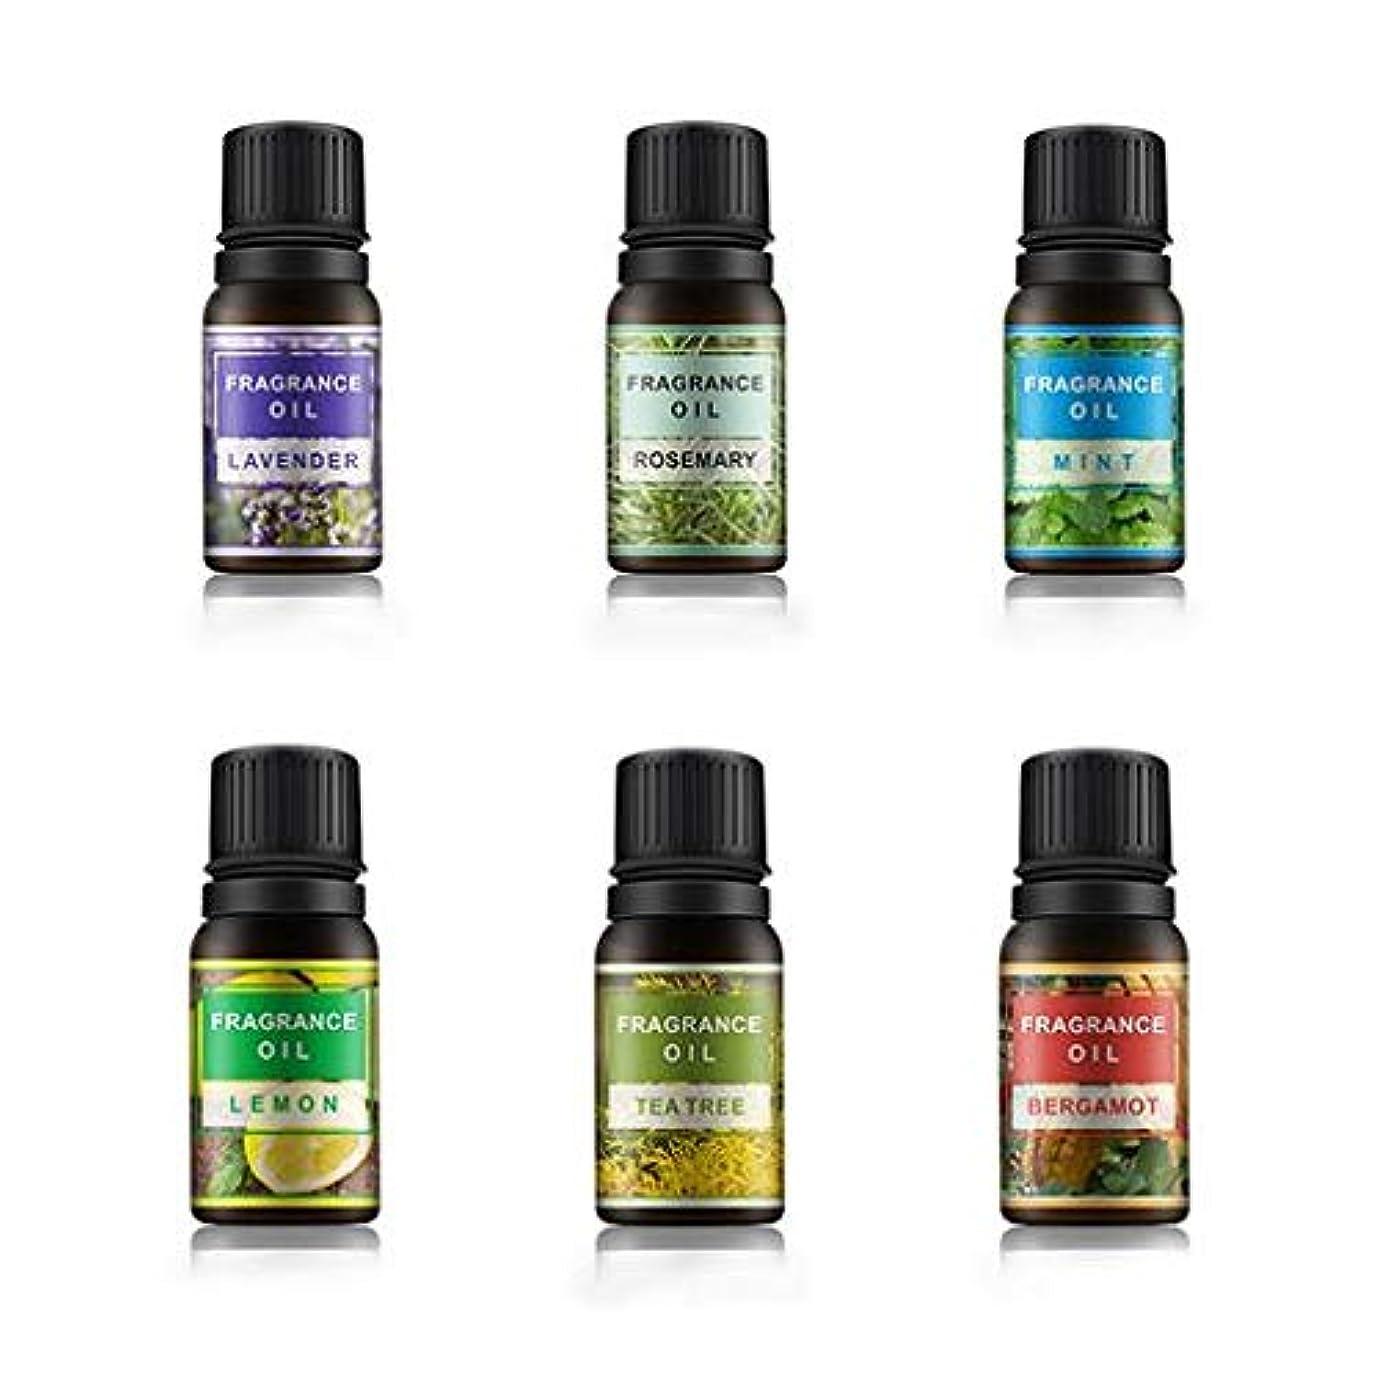 ビル無傷天Lioncorek エッセンシャルオイル オイル アロマオイル 精油 水溶性 ナチュラル フレグランス 100%純粋 有機植物 加湿器用 6種の香りセット